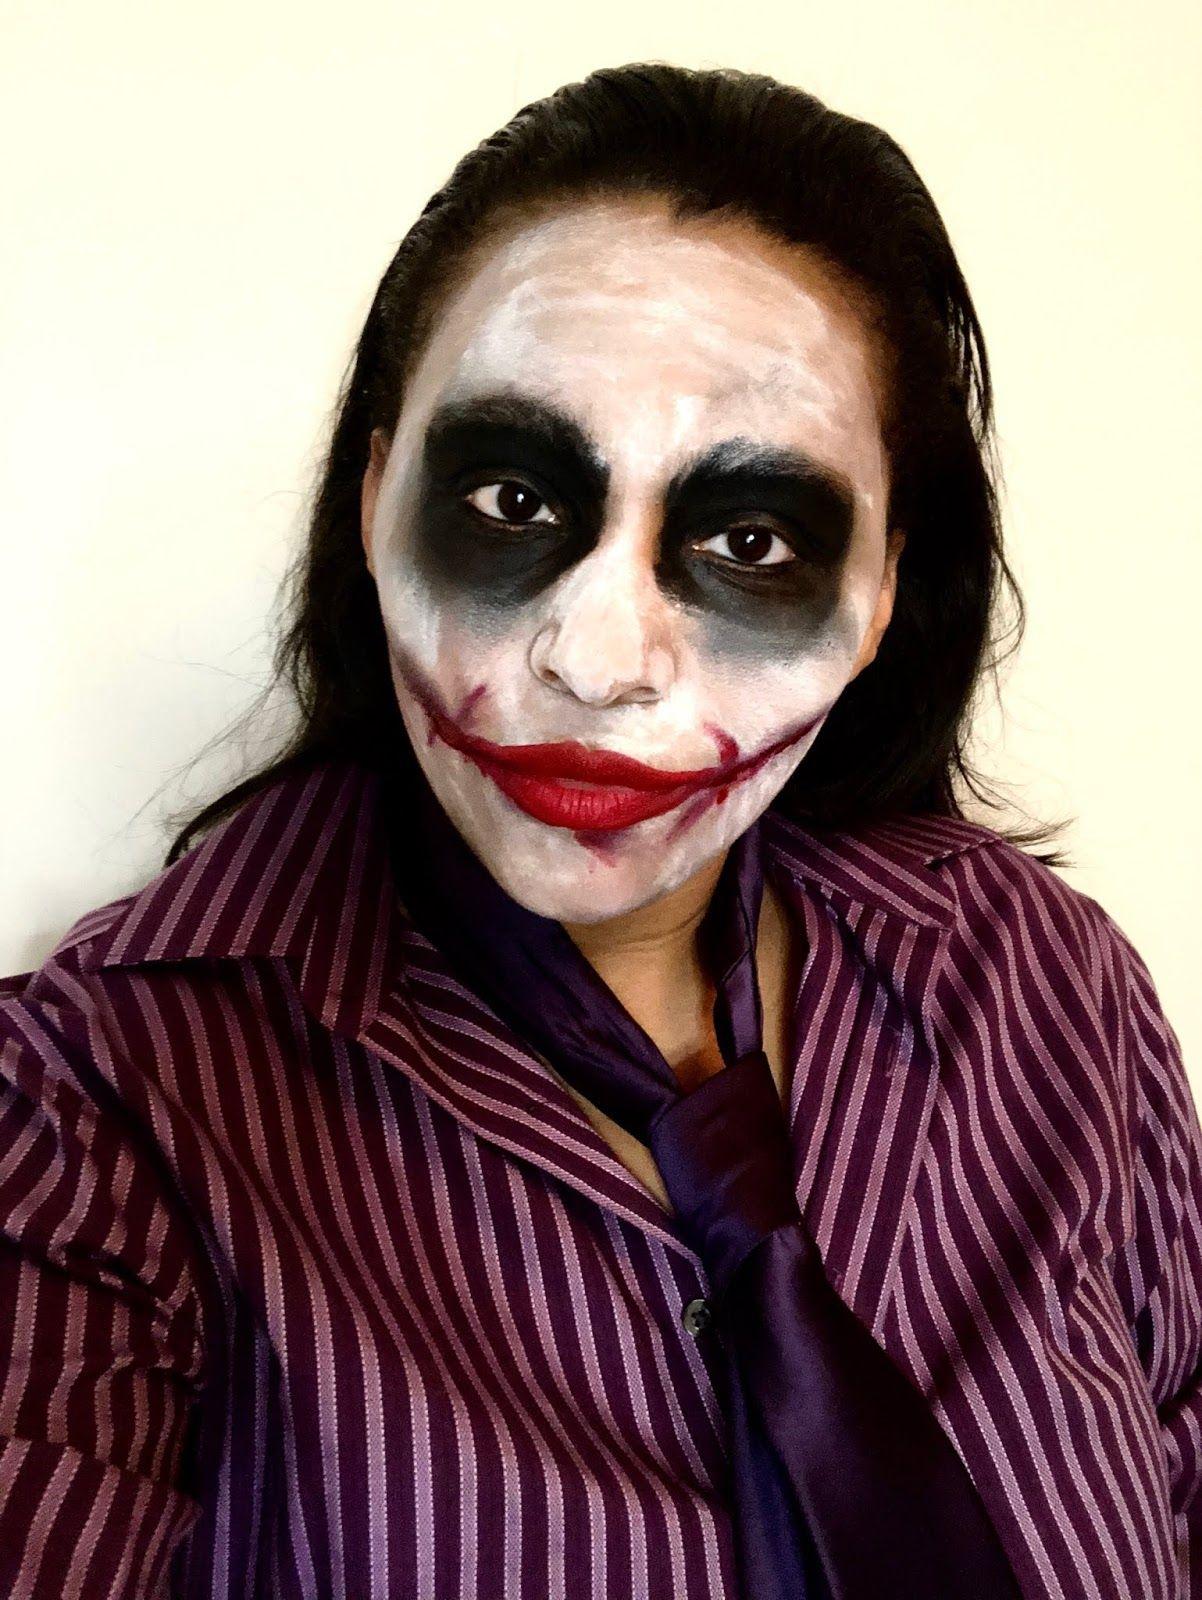 joker halloween makeup (mit Bildern) Halloweenmakeup